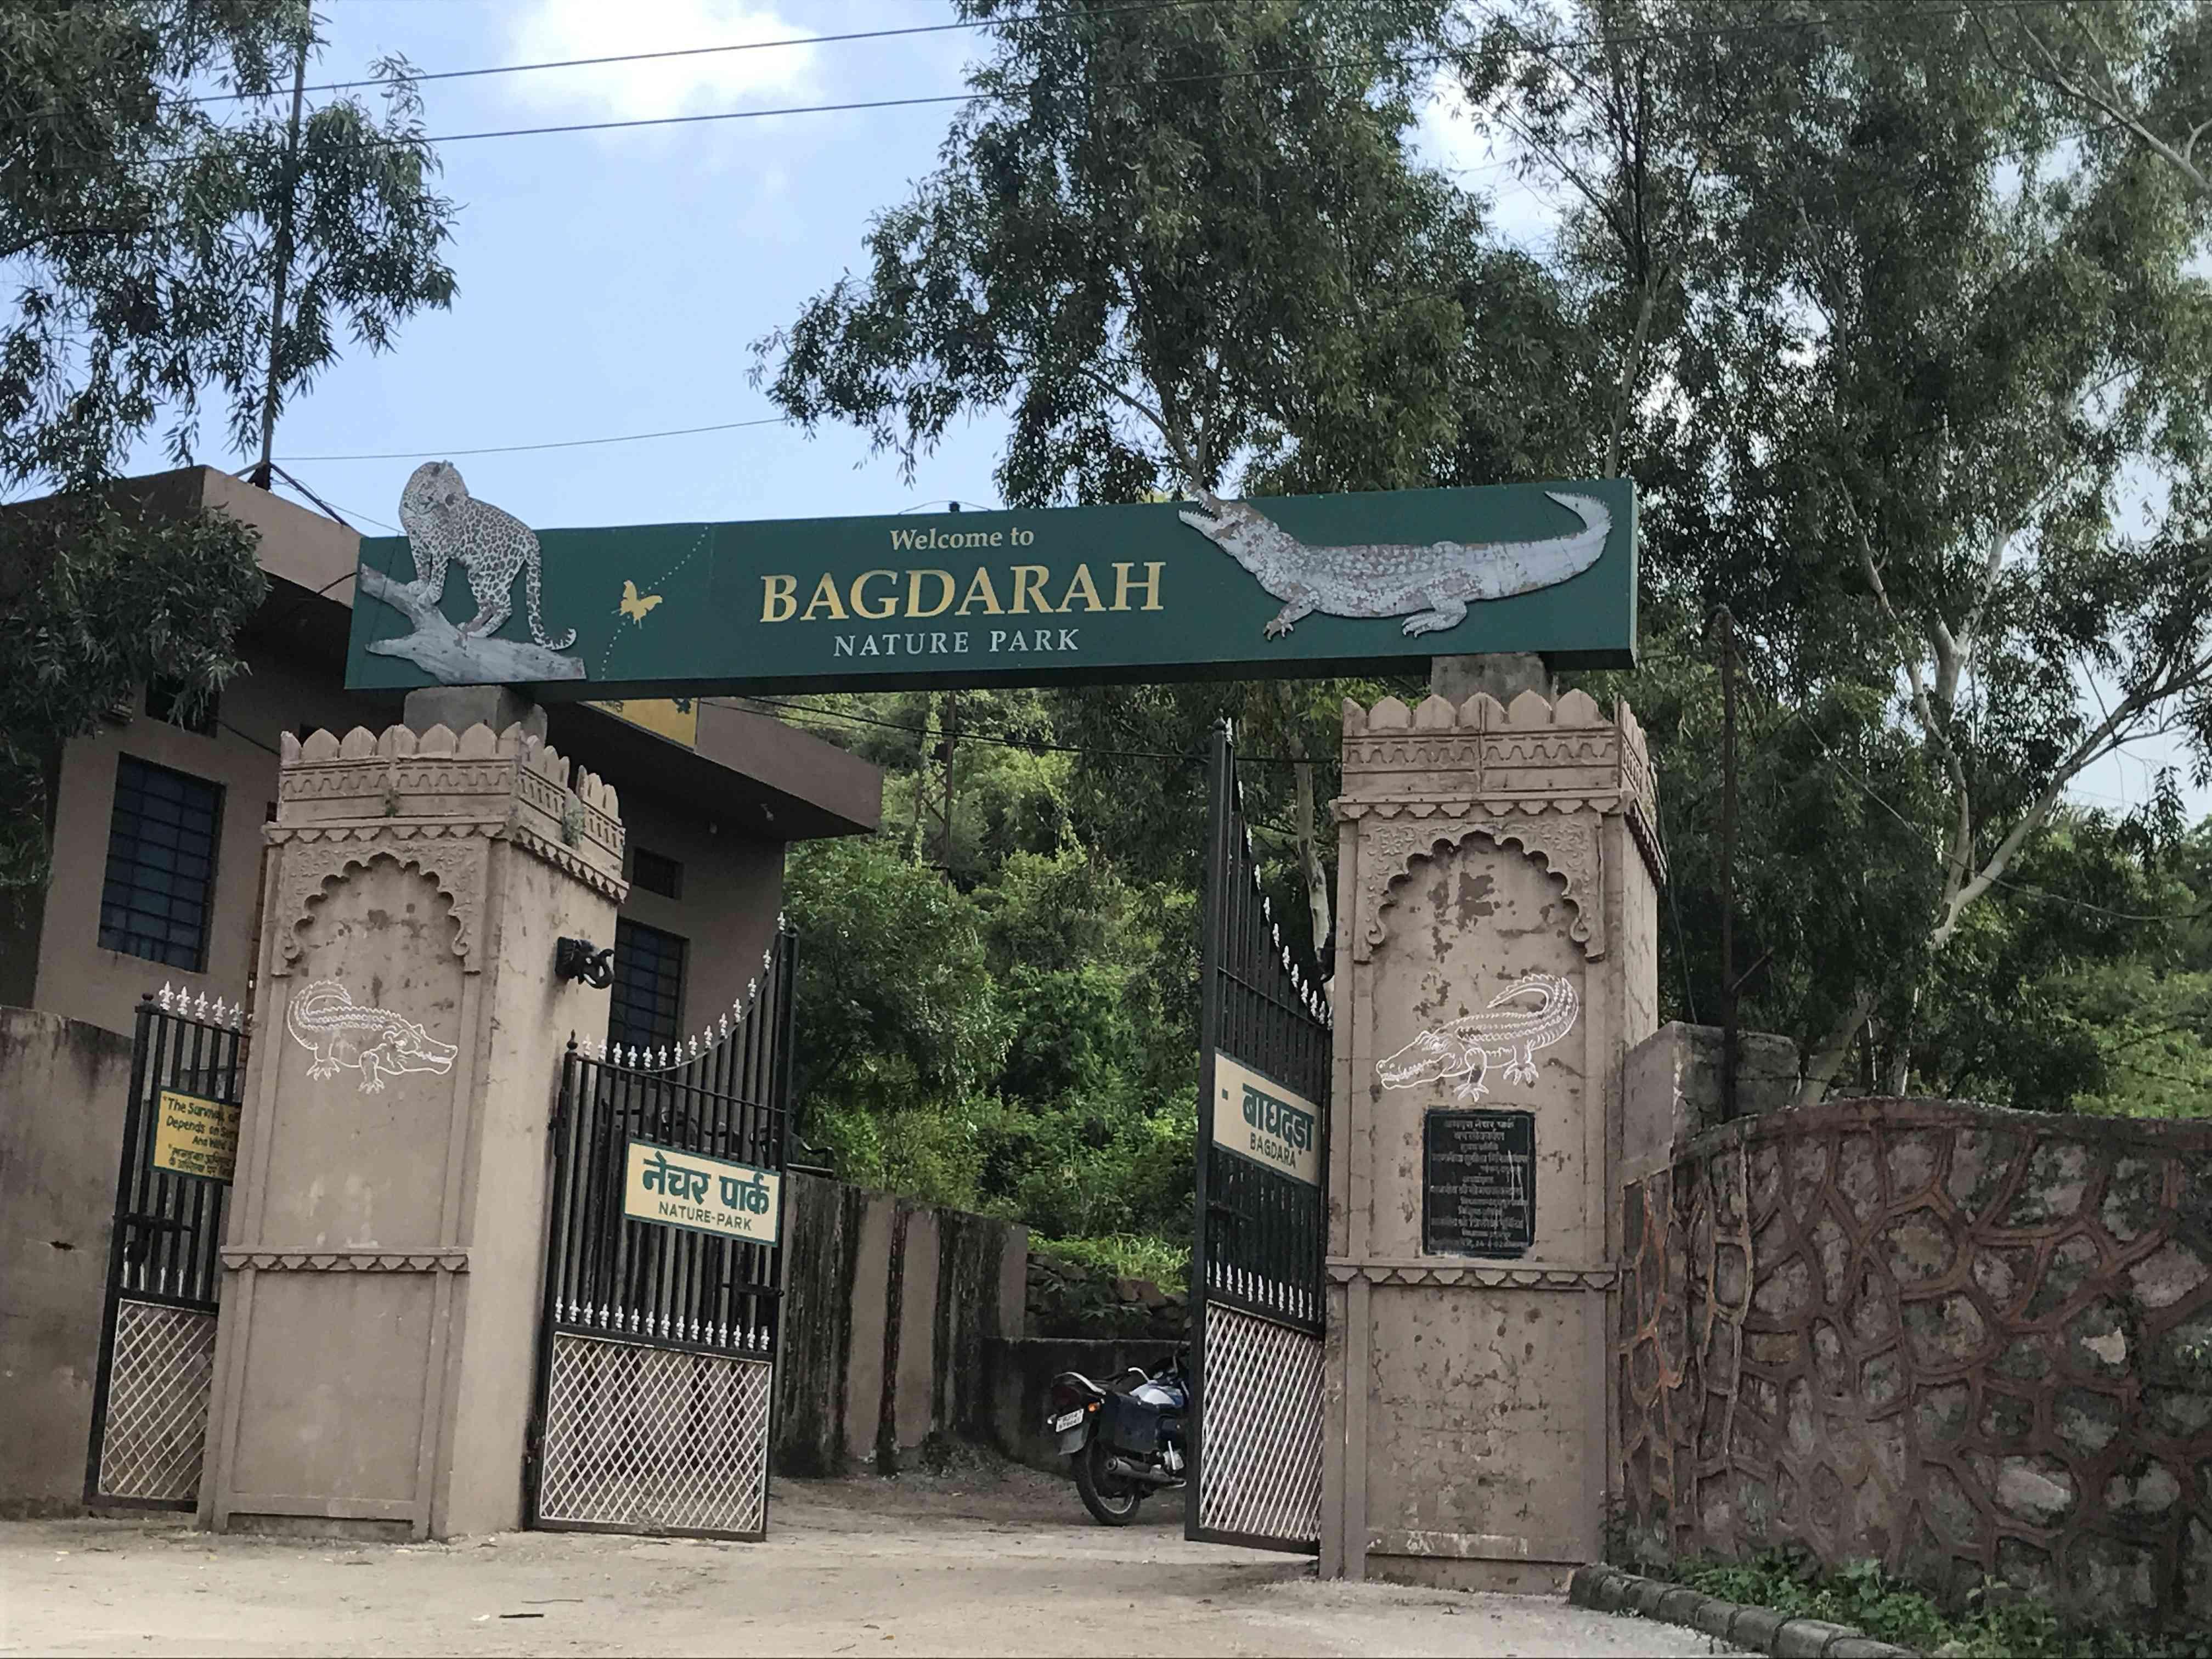 baghdara nature park